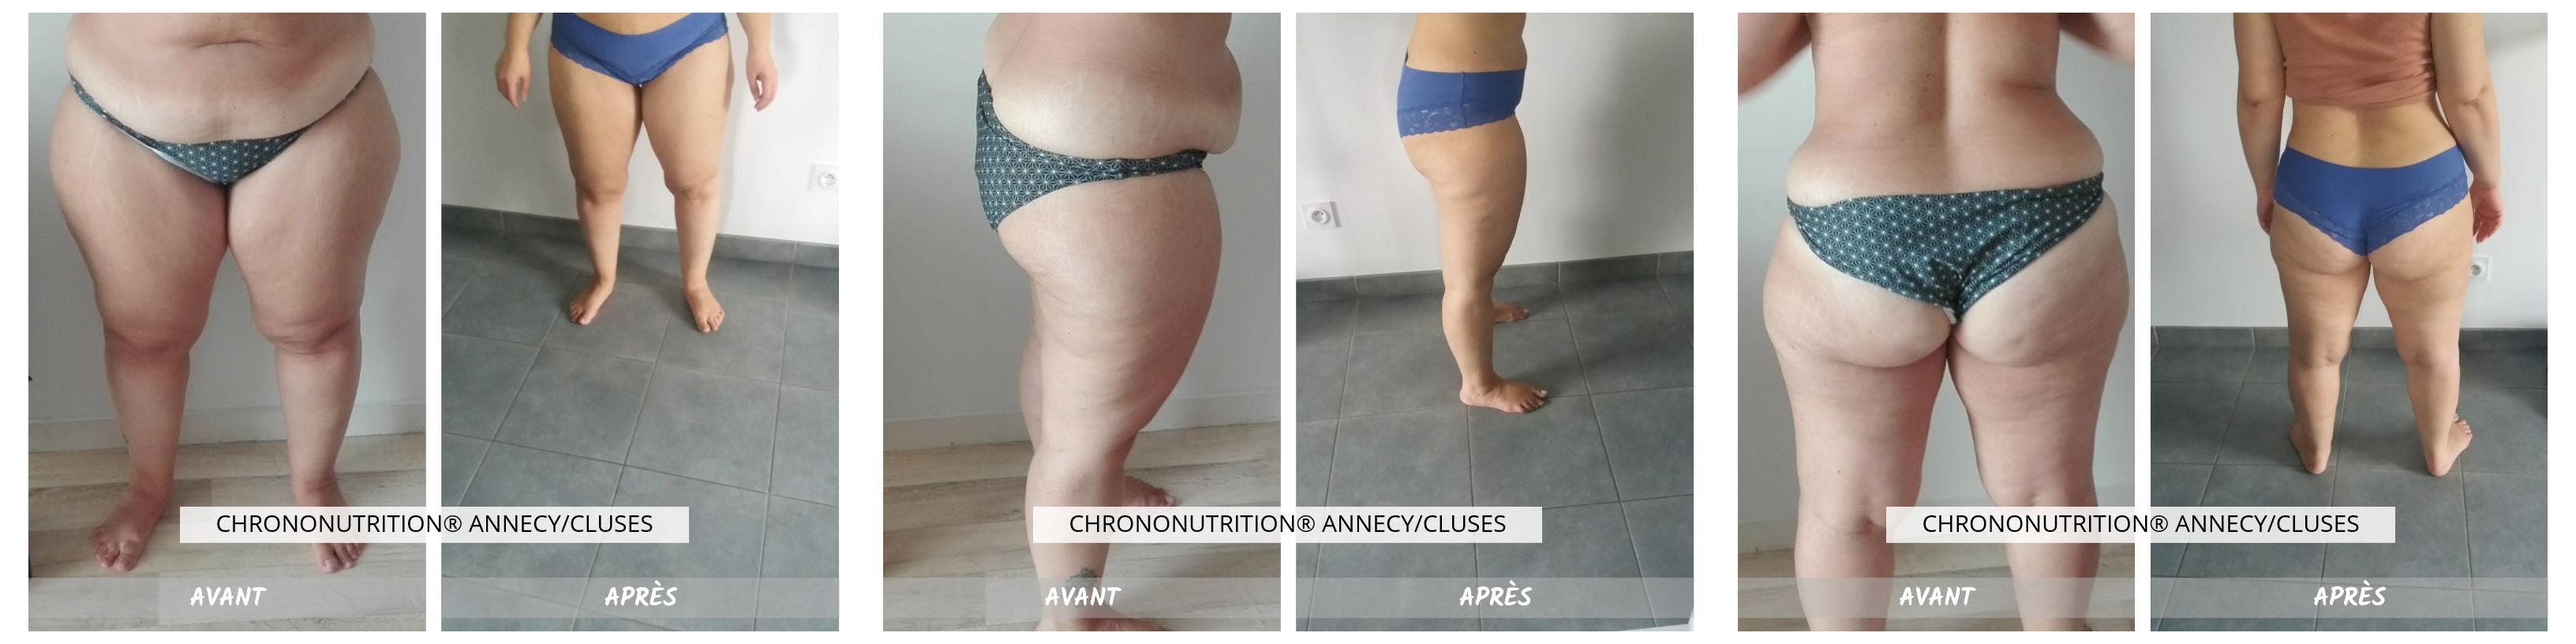 stpehanie_resultats_chrononutrition